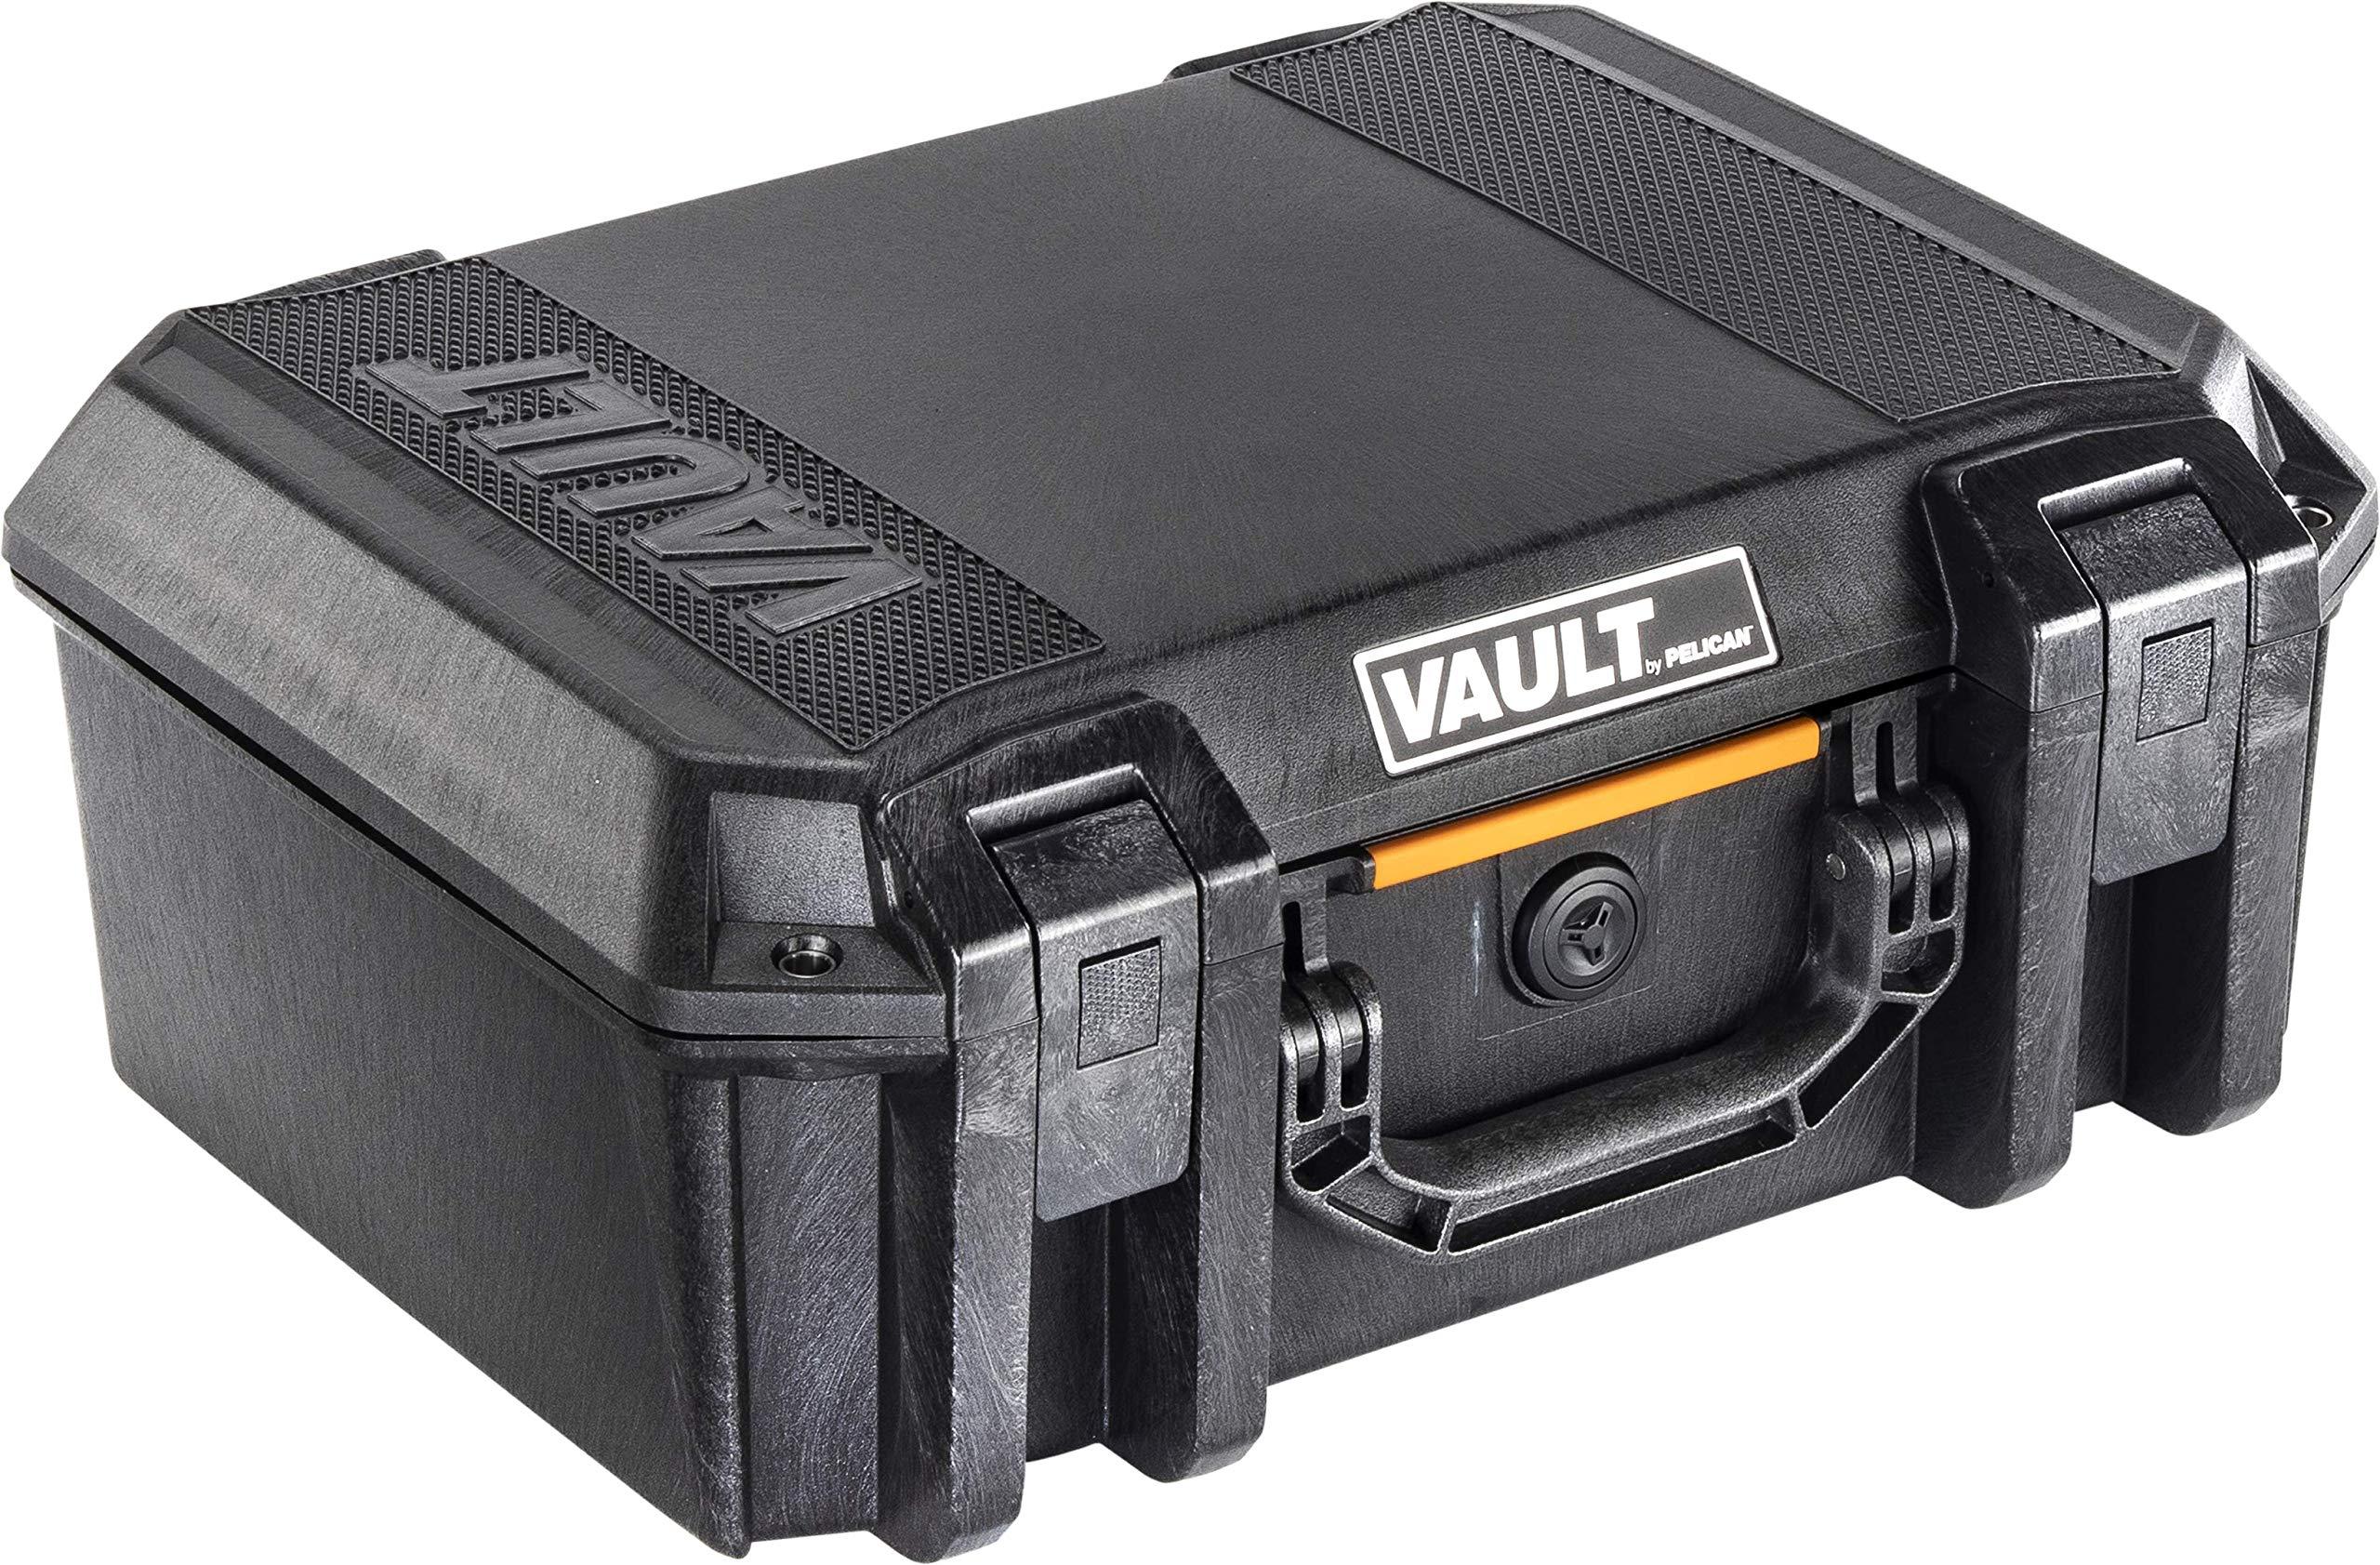 Pelican VCV300-0000-BLK V300 Large Pistol Case Black w/Foam by Pelican